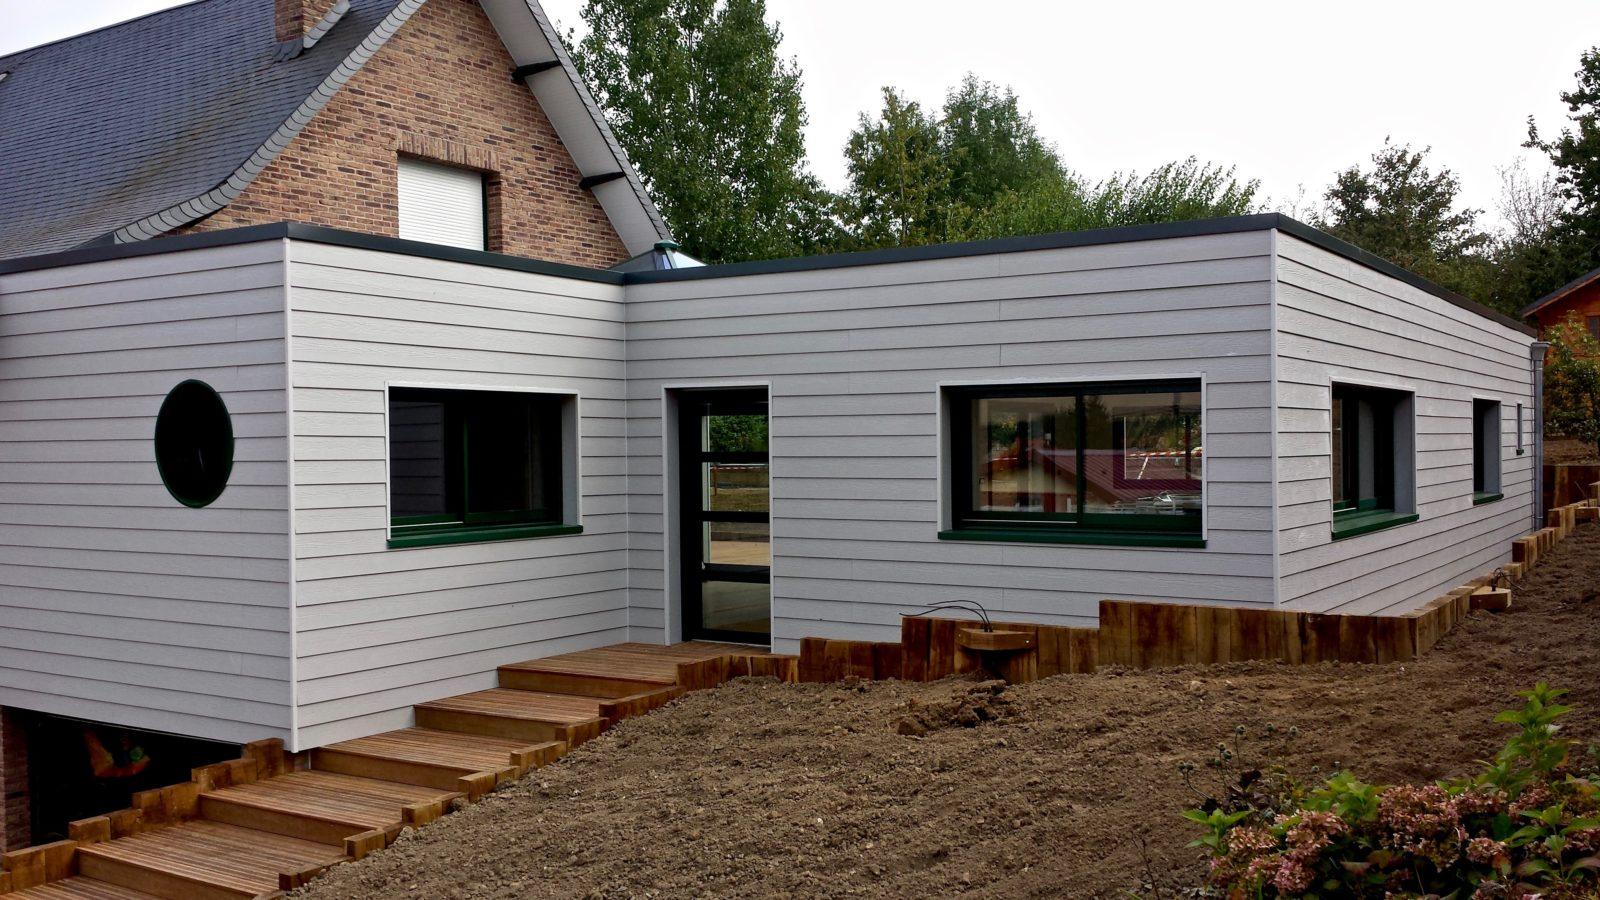 extension en composite sureleveesur maison traditionnelle 1